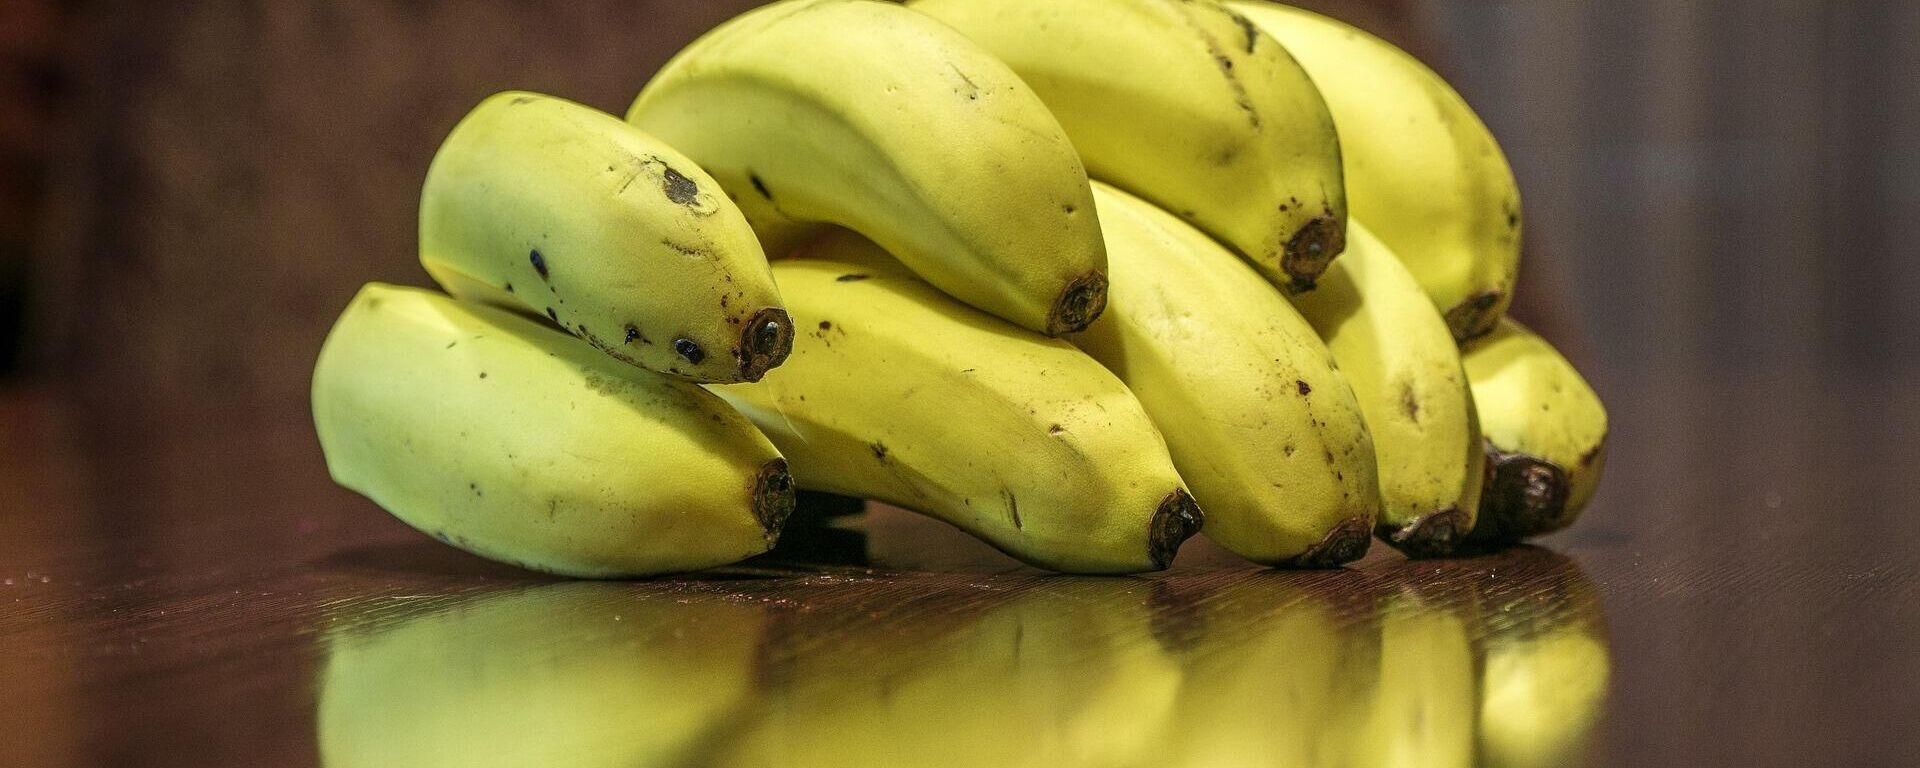 Bananas, plátanos o guineos - Sputnik Mundo, 1920, 26.02.2021